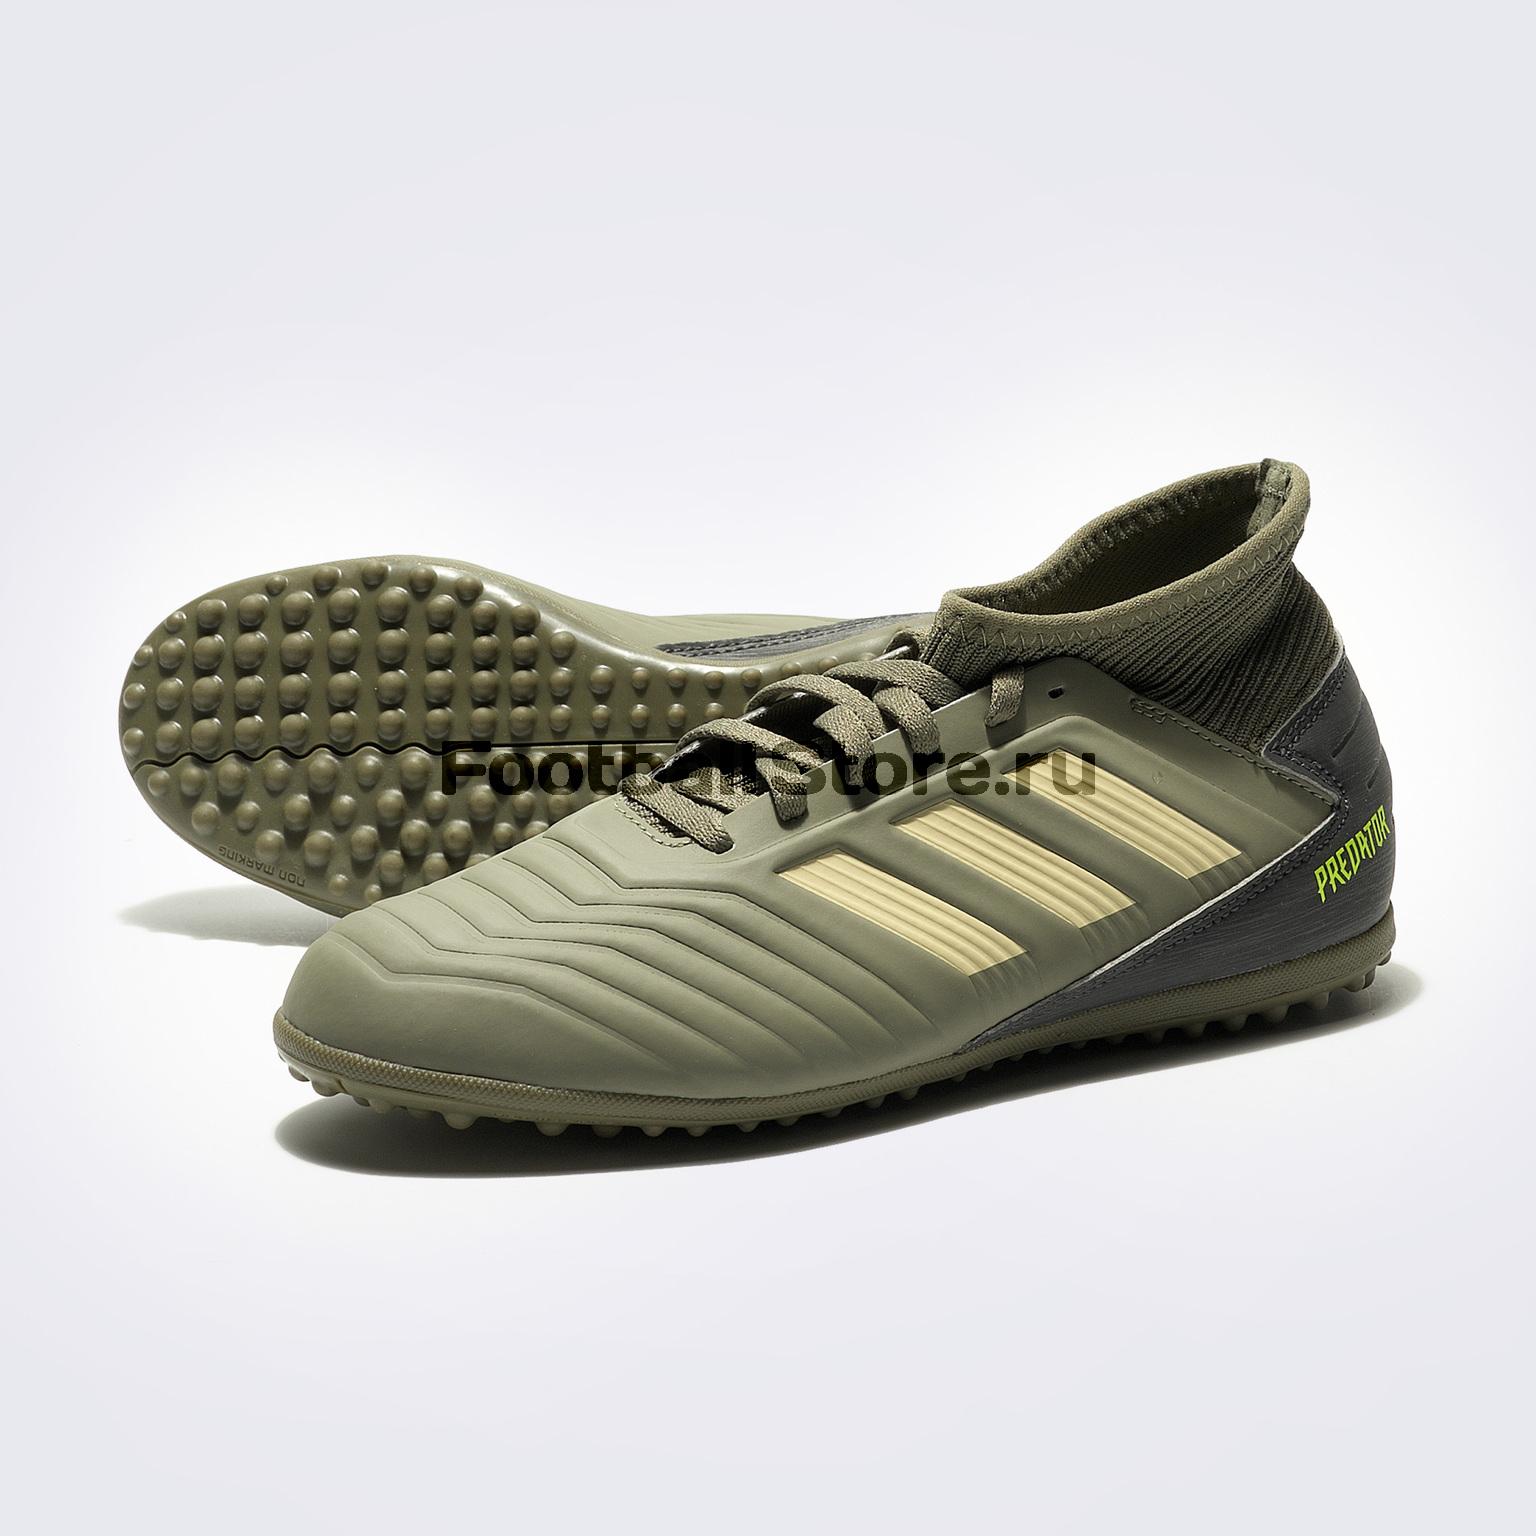 Шиповки детские Adidas Predator 19.3 TF EF8220 шиповки детские adidas x tango 18 3 tf db2422